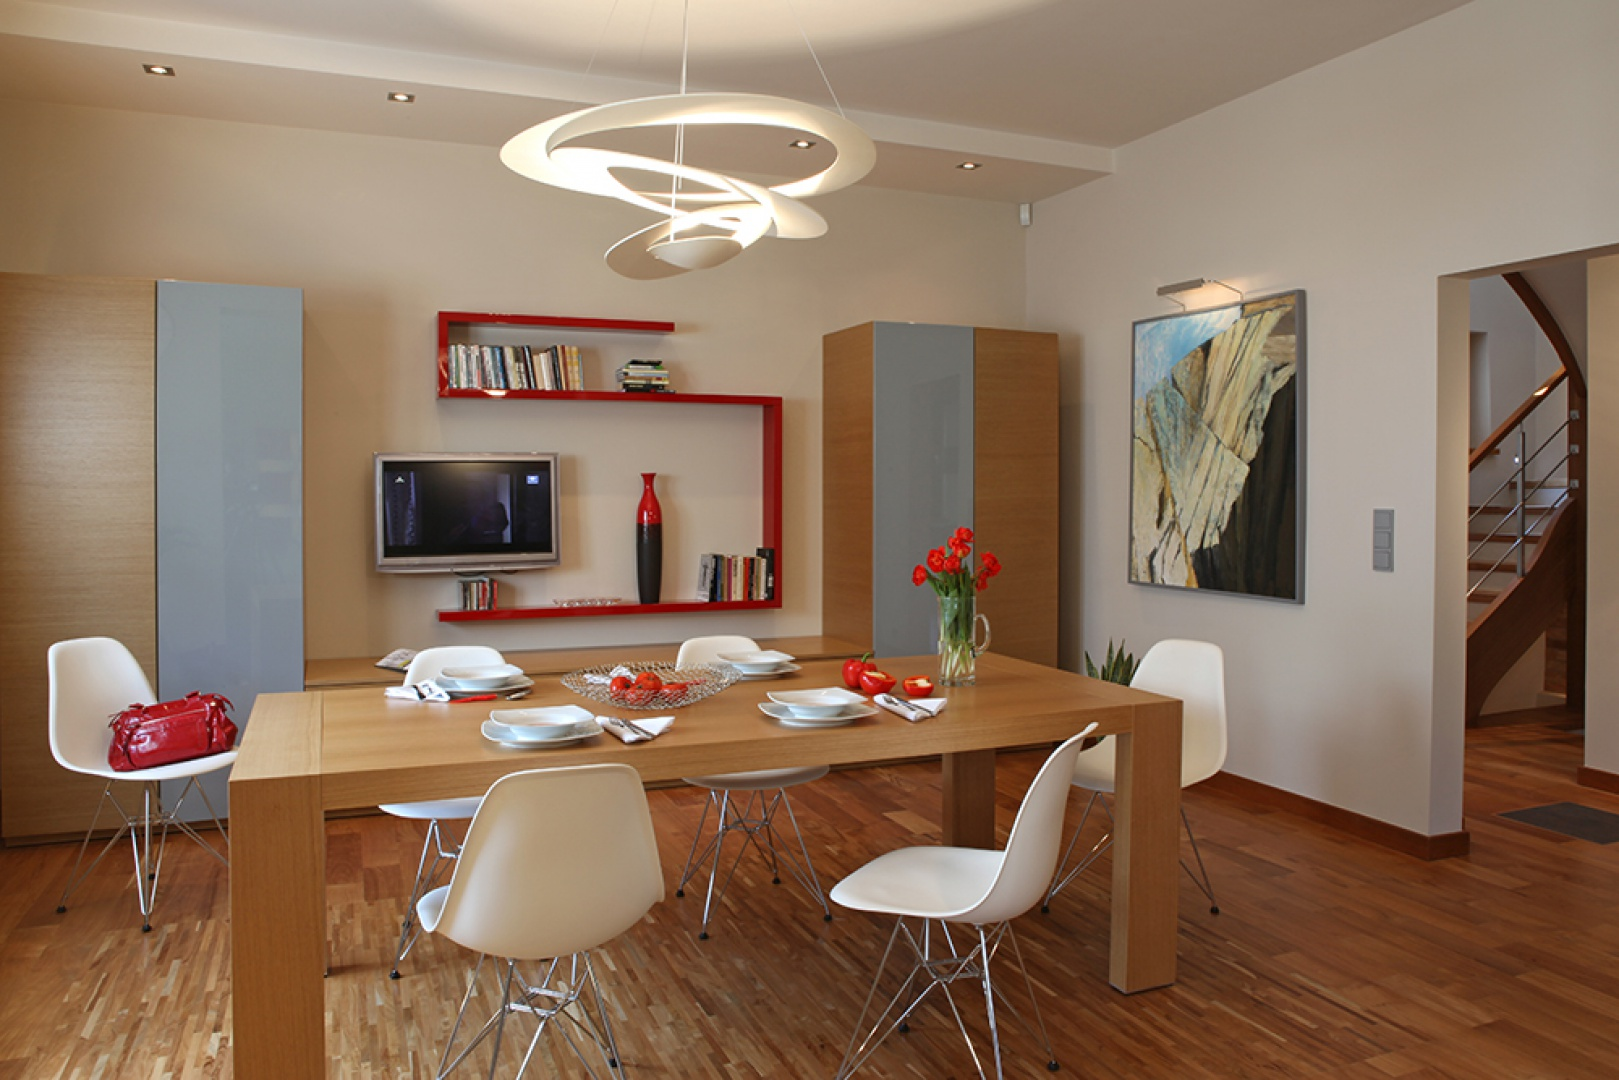 """Jadalnię, tak jak kuchnię, tworzą proste bryły mebli, których forma nawiązuje do modernizmu; fornir dębowy zestawiono z szarym lakierem, symetria oraz czerwone akcenty podkreślają elegancki charakter aranżacji. Zabudowa wykonana na zamówienie; stół Noti """"Compli"""", krzesła Vitra, lampa Artemide """"Price"""". Fot. Monika Filipiuk-Obałek."""